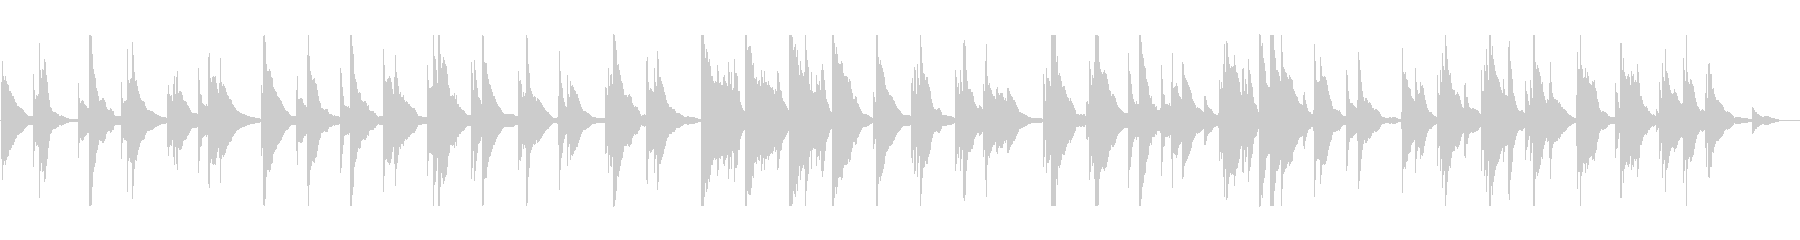 静けさの中に鳴り響くお琴の音の未再生の波形